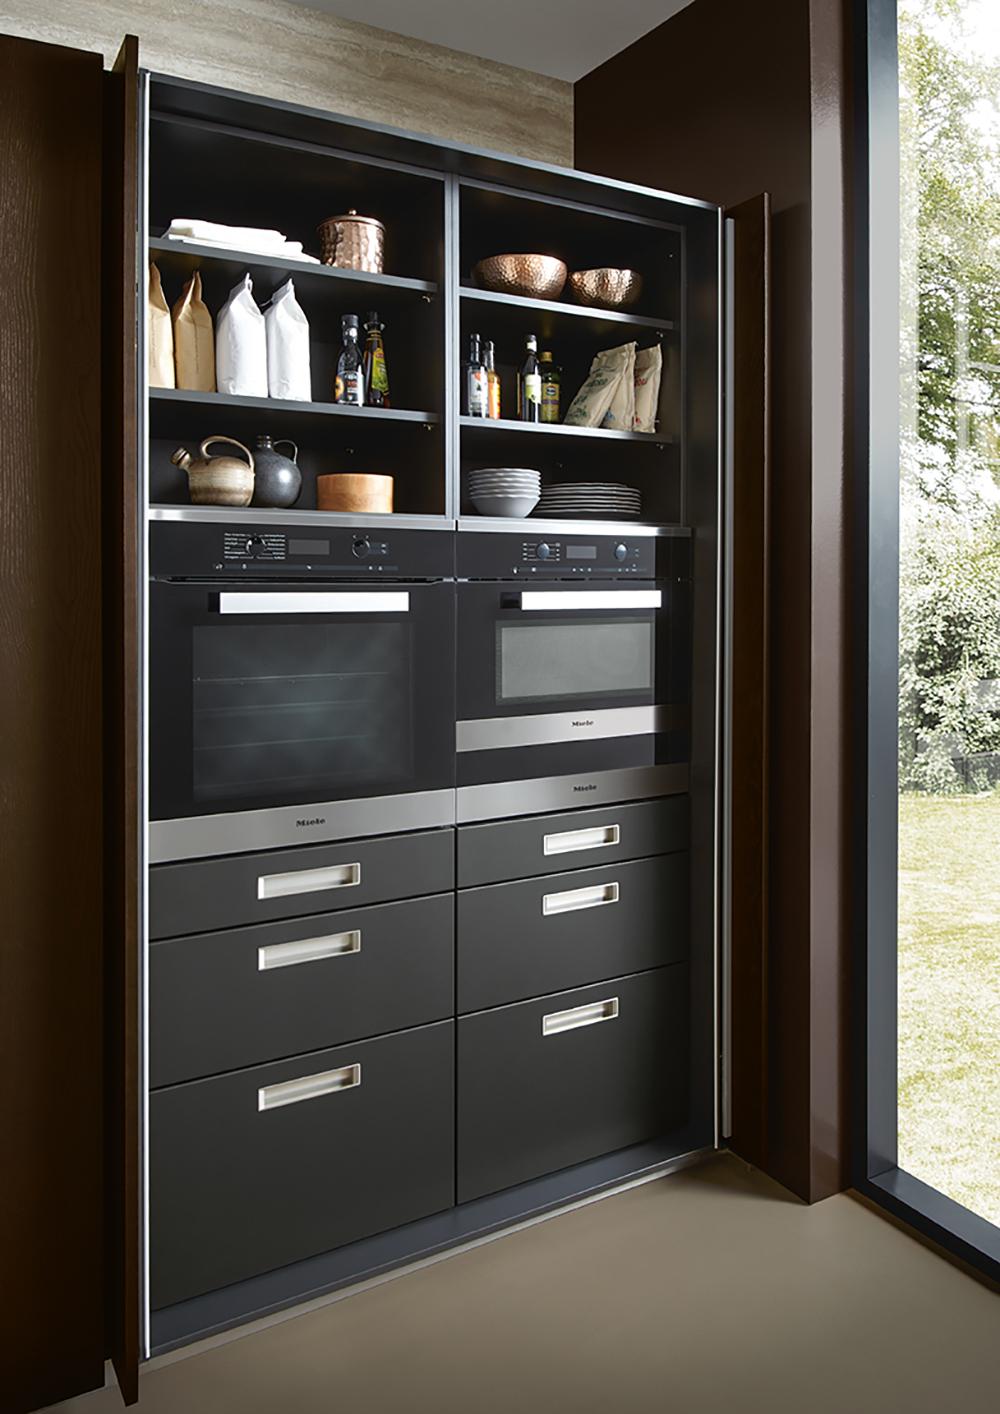 Cuisine équipée avec électroménager intégré Next 125 couleur noire design soigné épuré